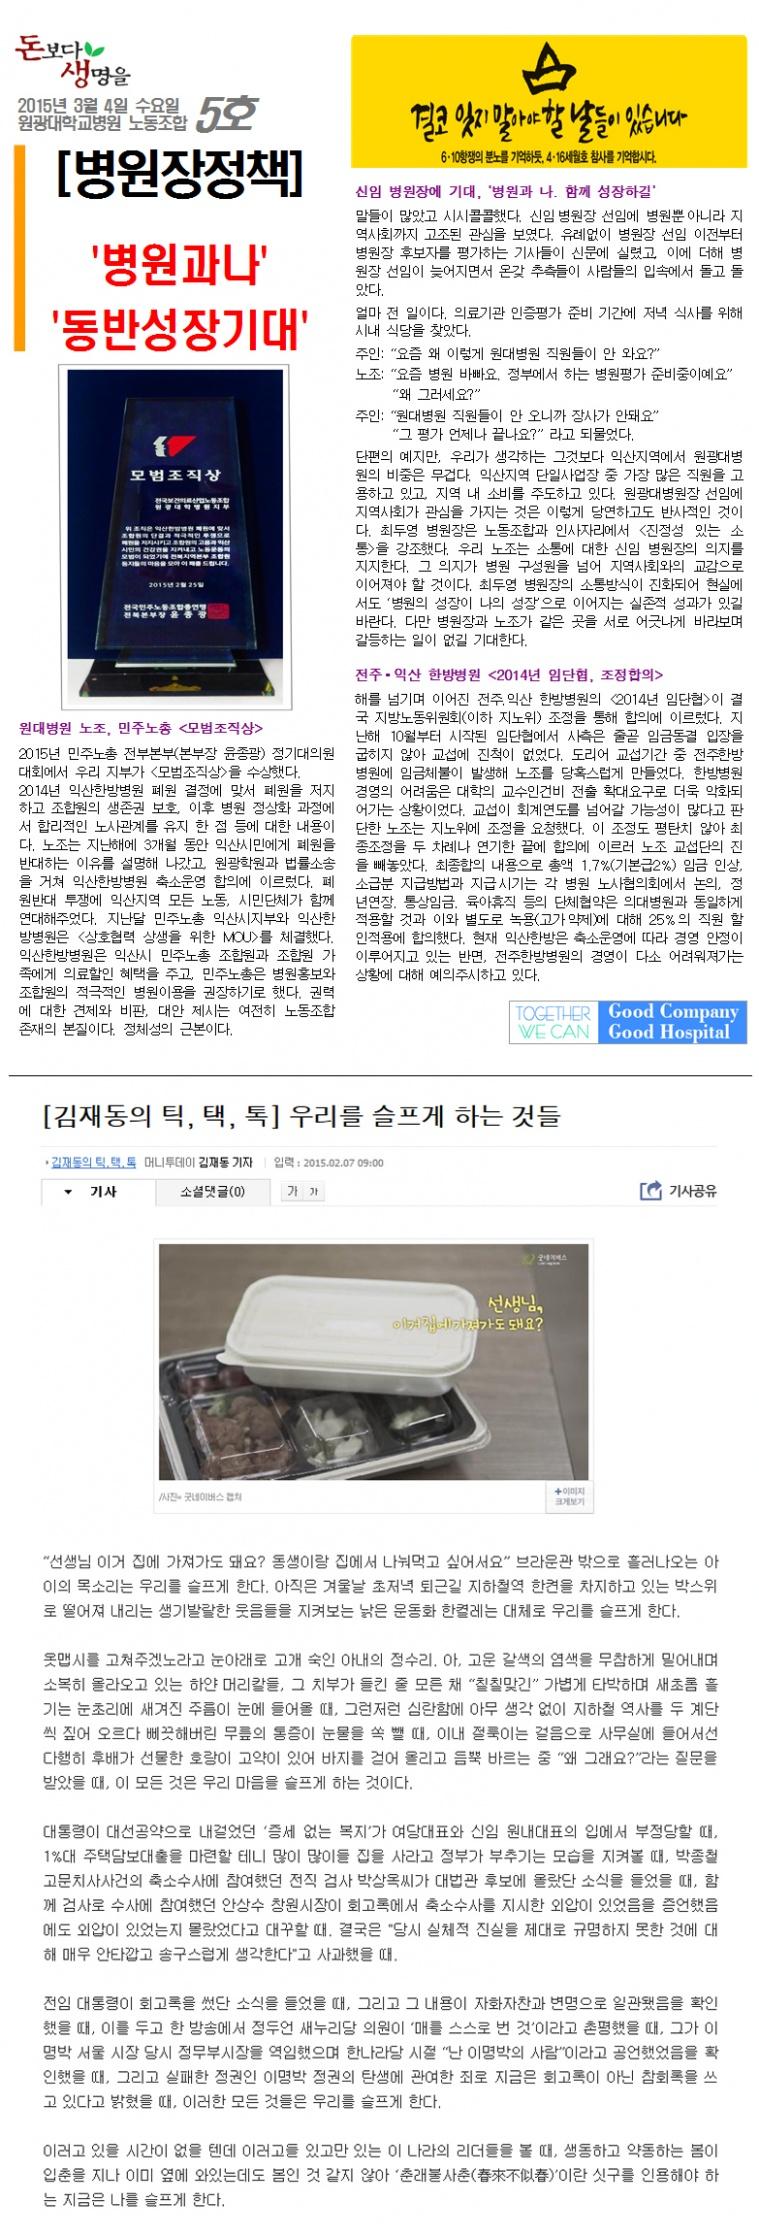 2015. 5호 - 병원장정책.jpg